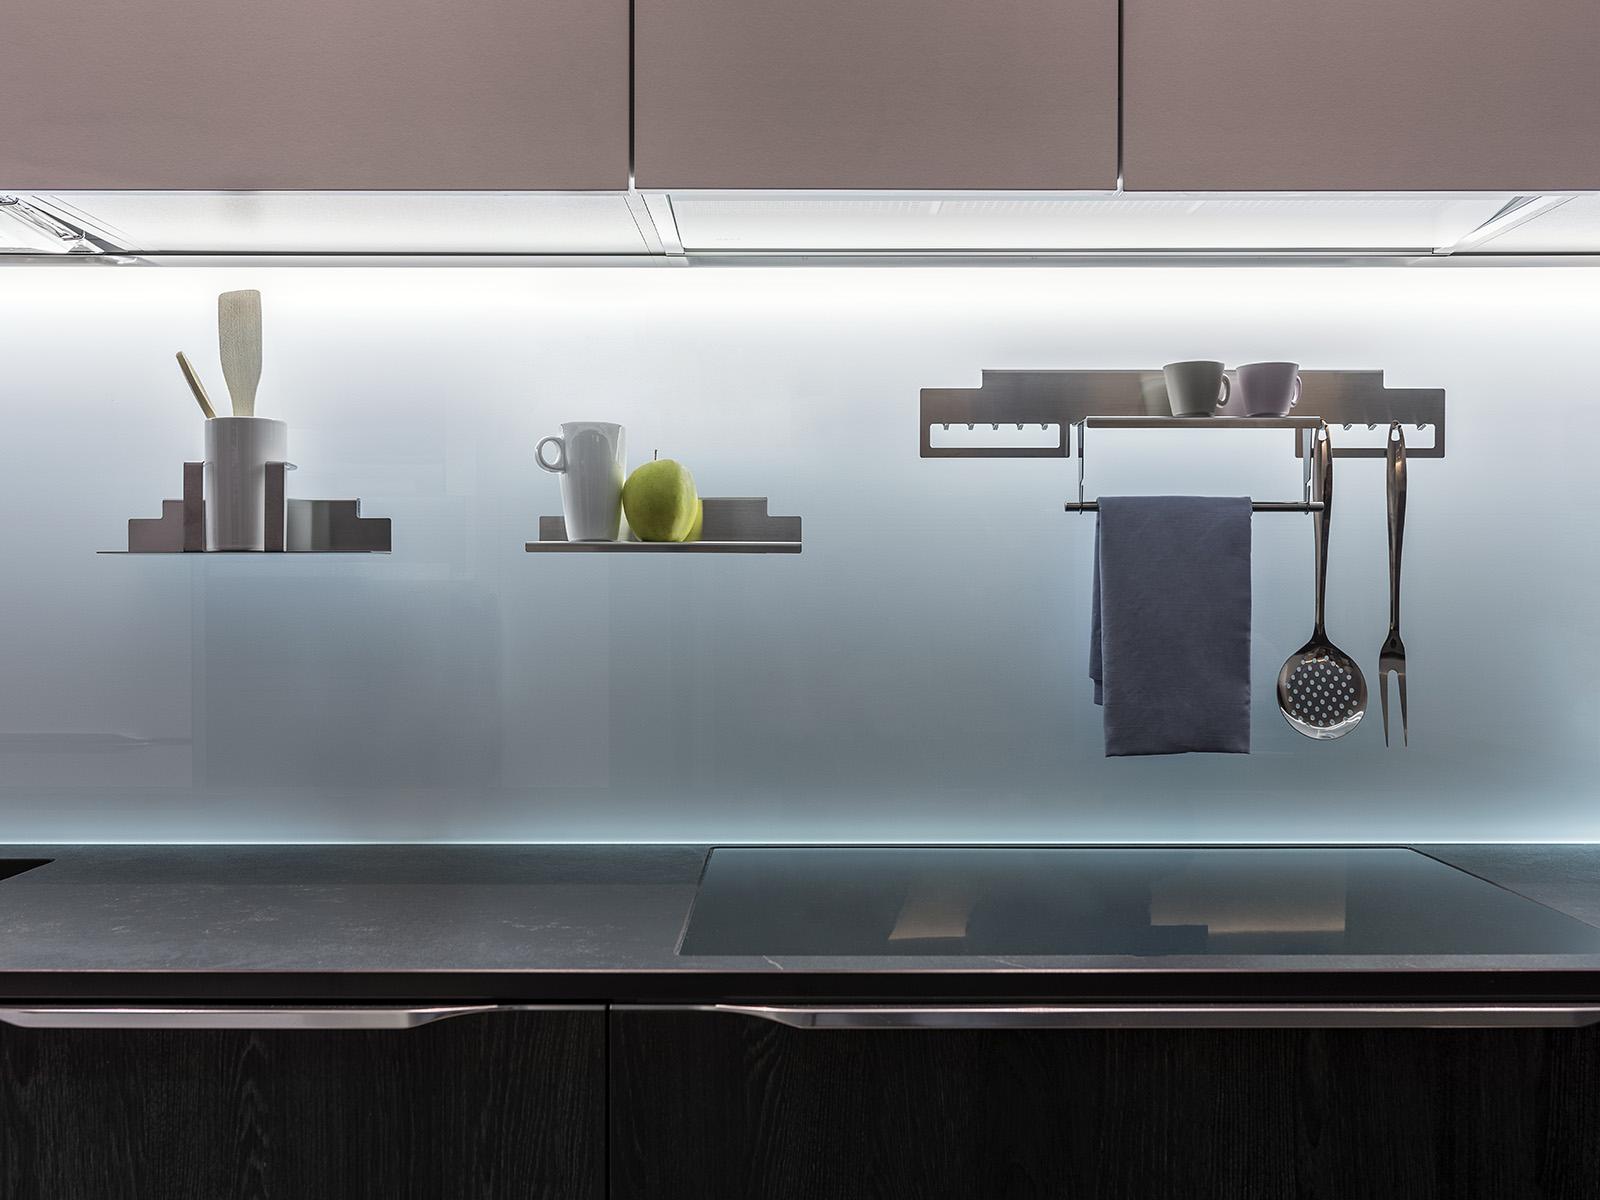 Magnetolab: funzionalità praticità e design in cucina